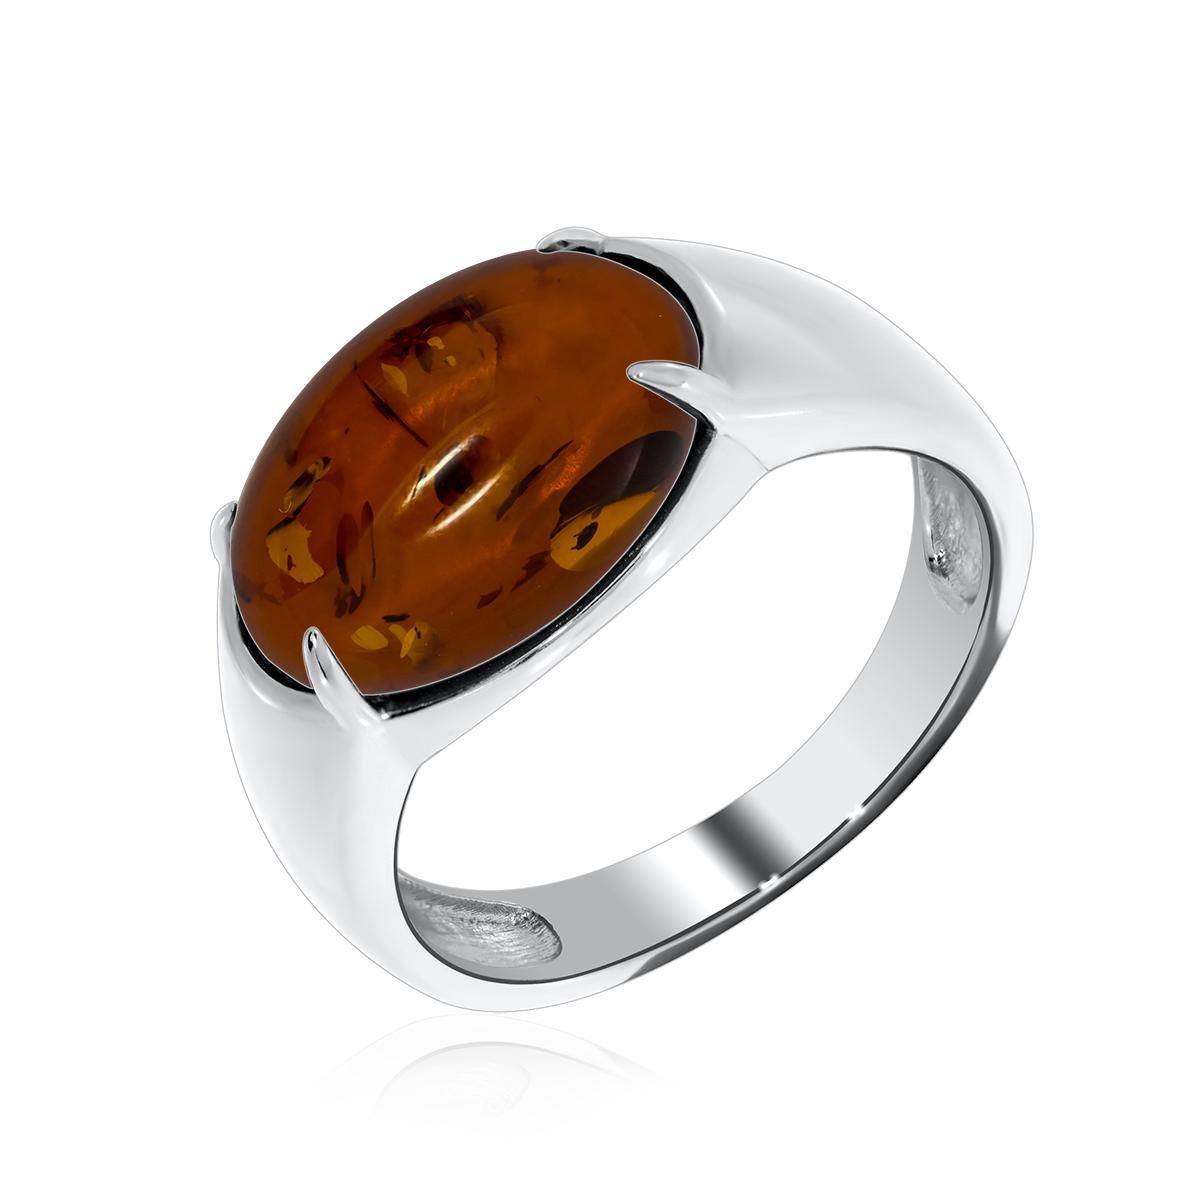 Серебряное кольцо Янтарь арт. 1340480991 1340480991